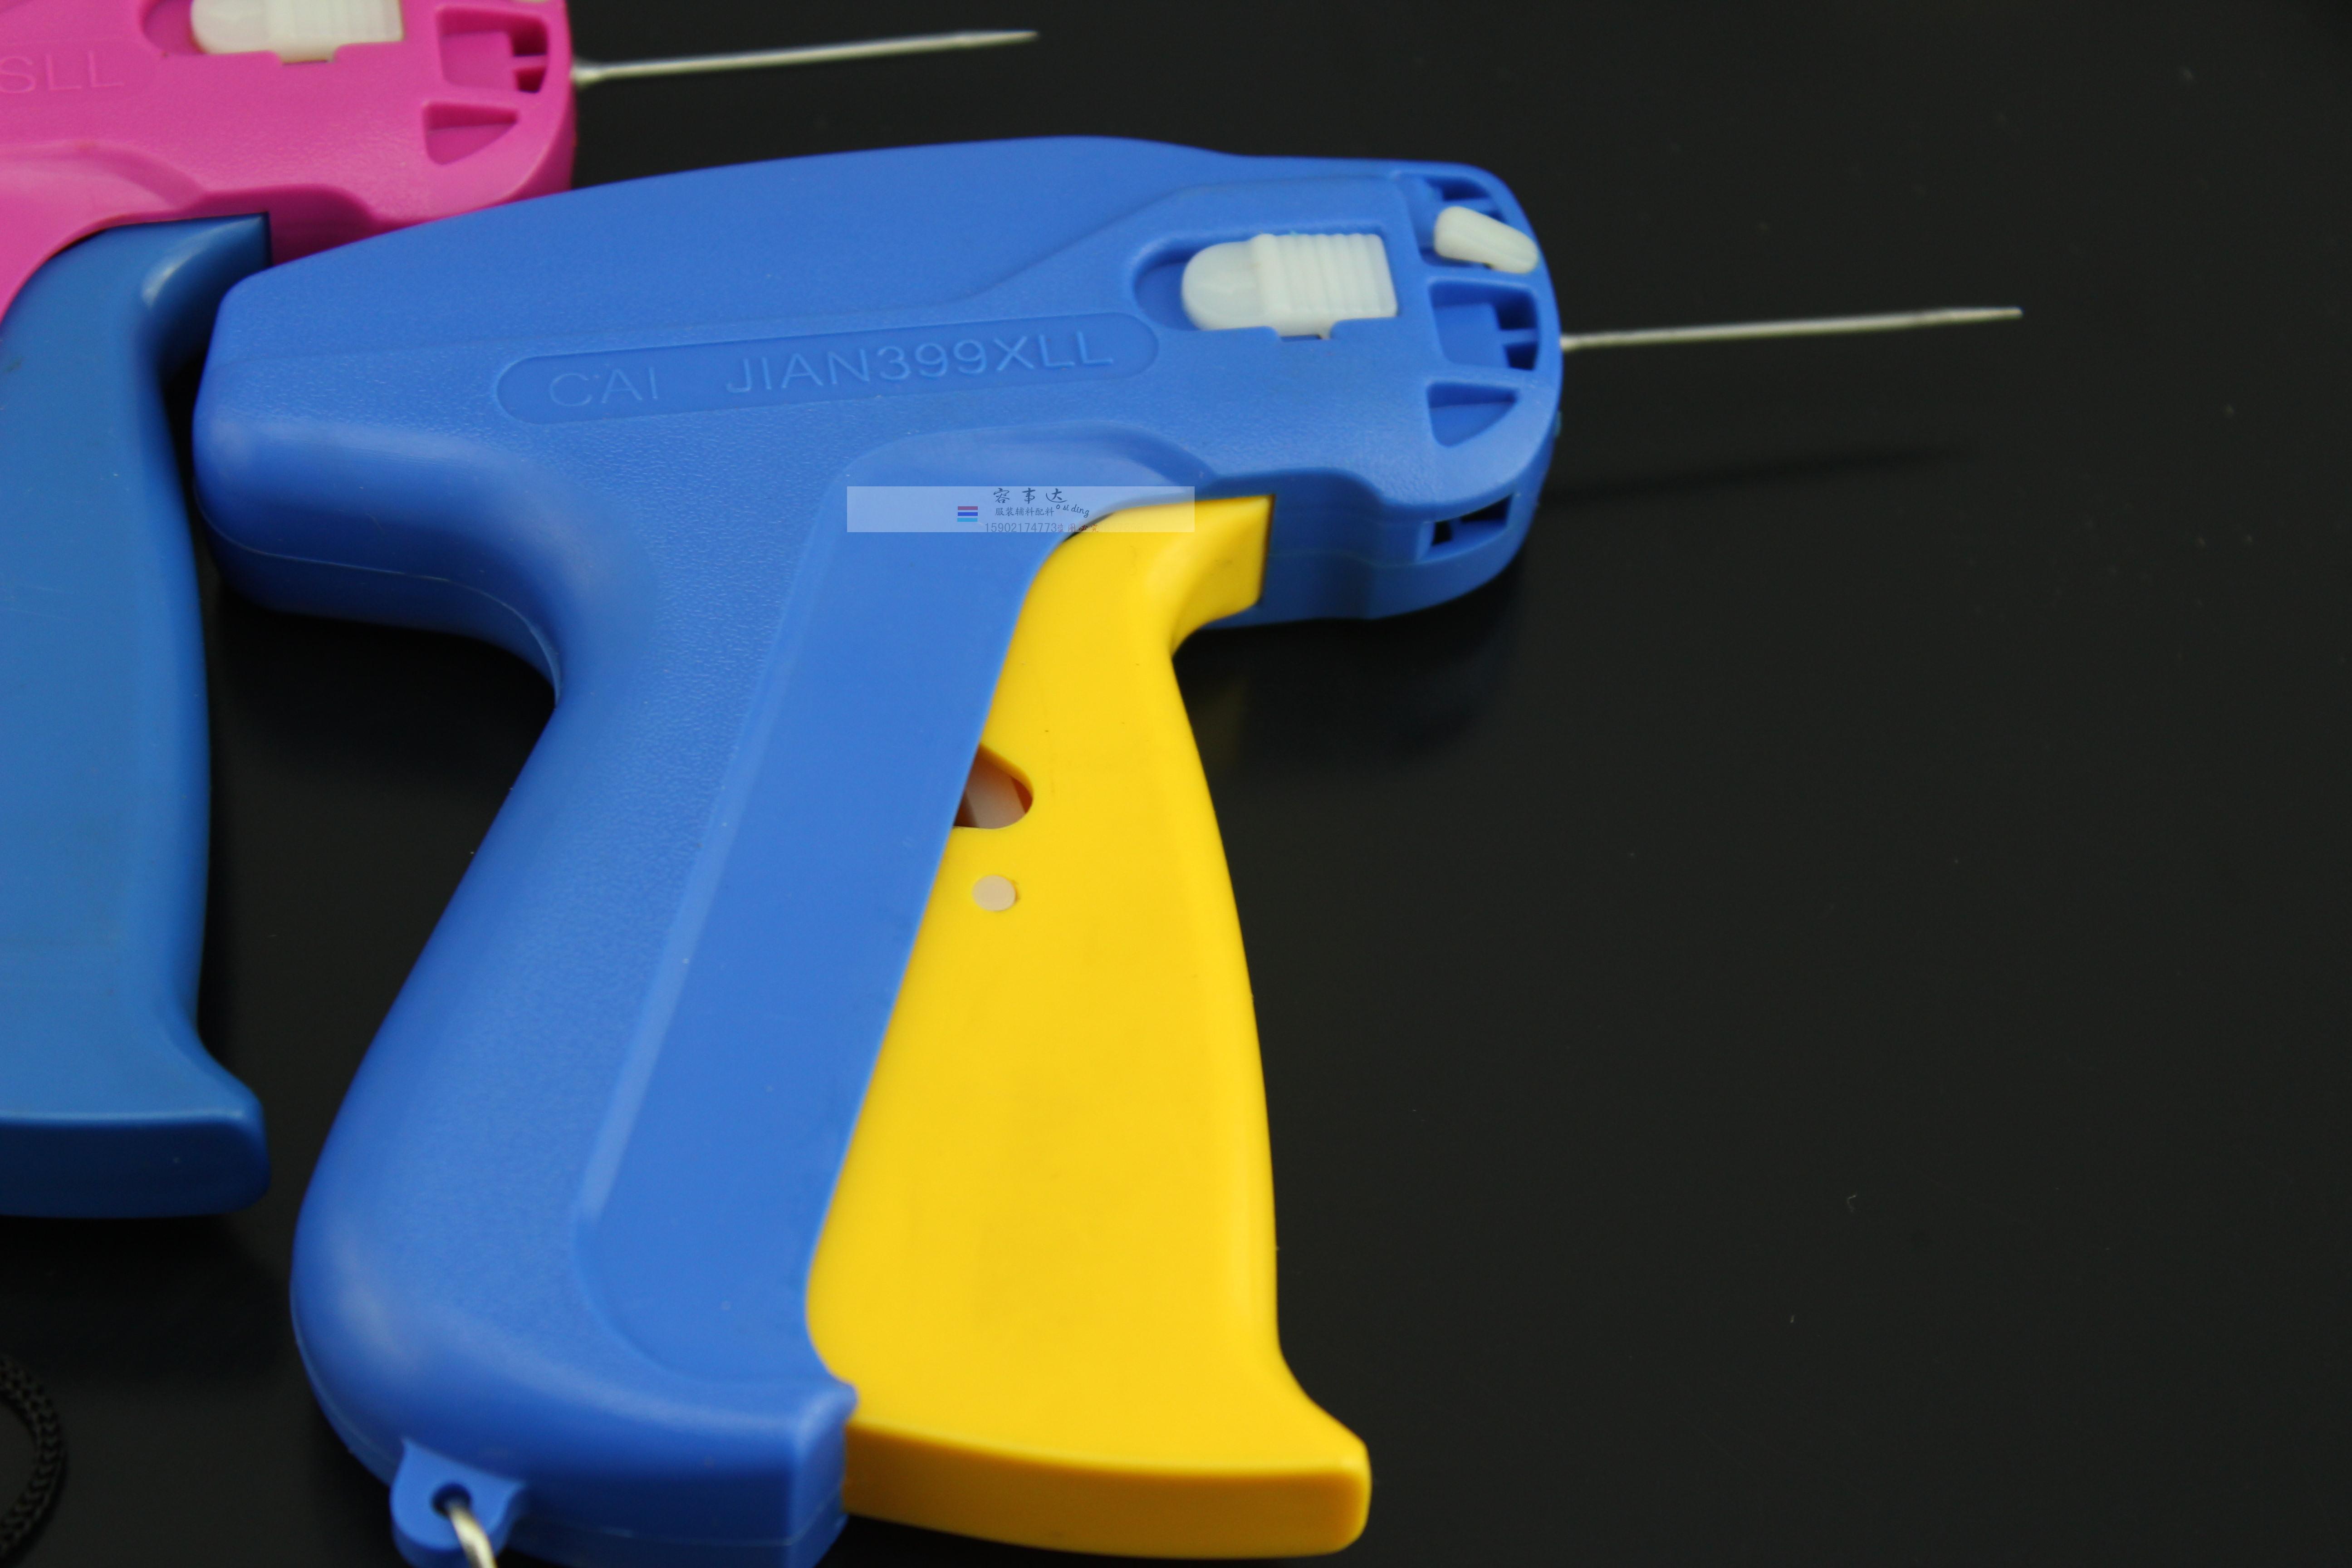 Цвет: Удлиненный игольчатый пистолет(синий)